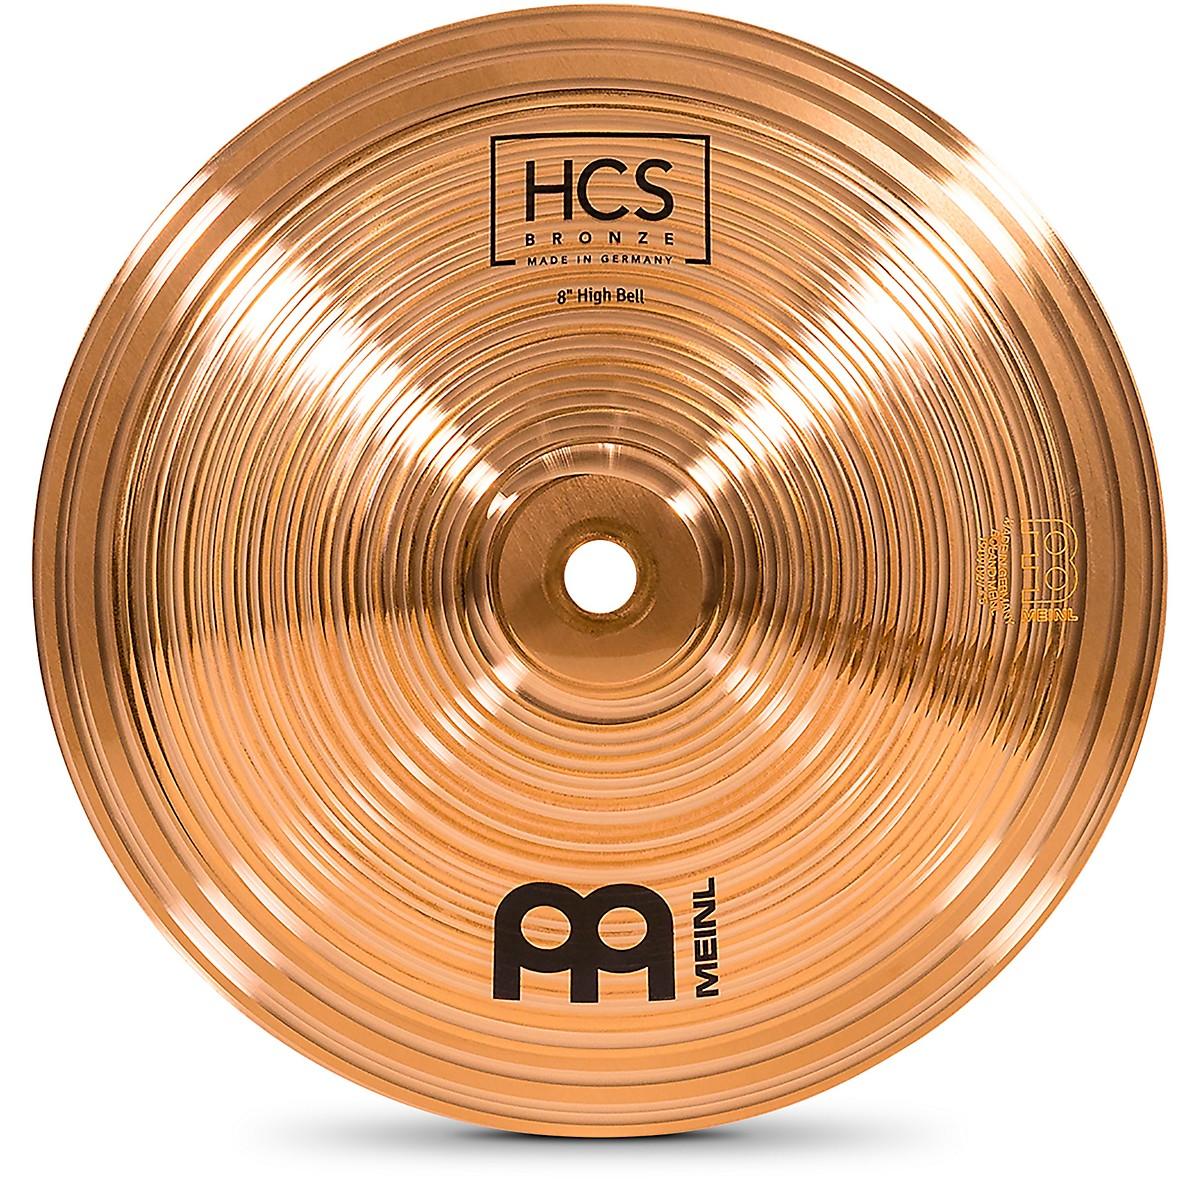 Meinl HCS Bronze Bell, High, 8 in.